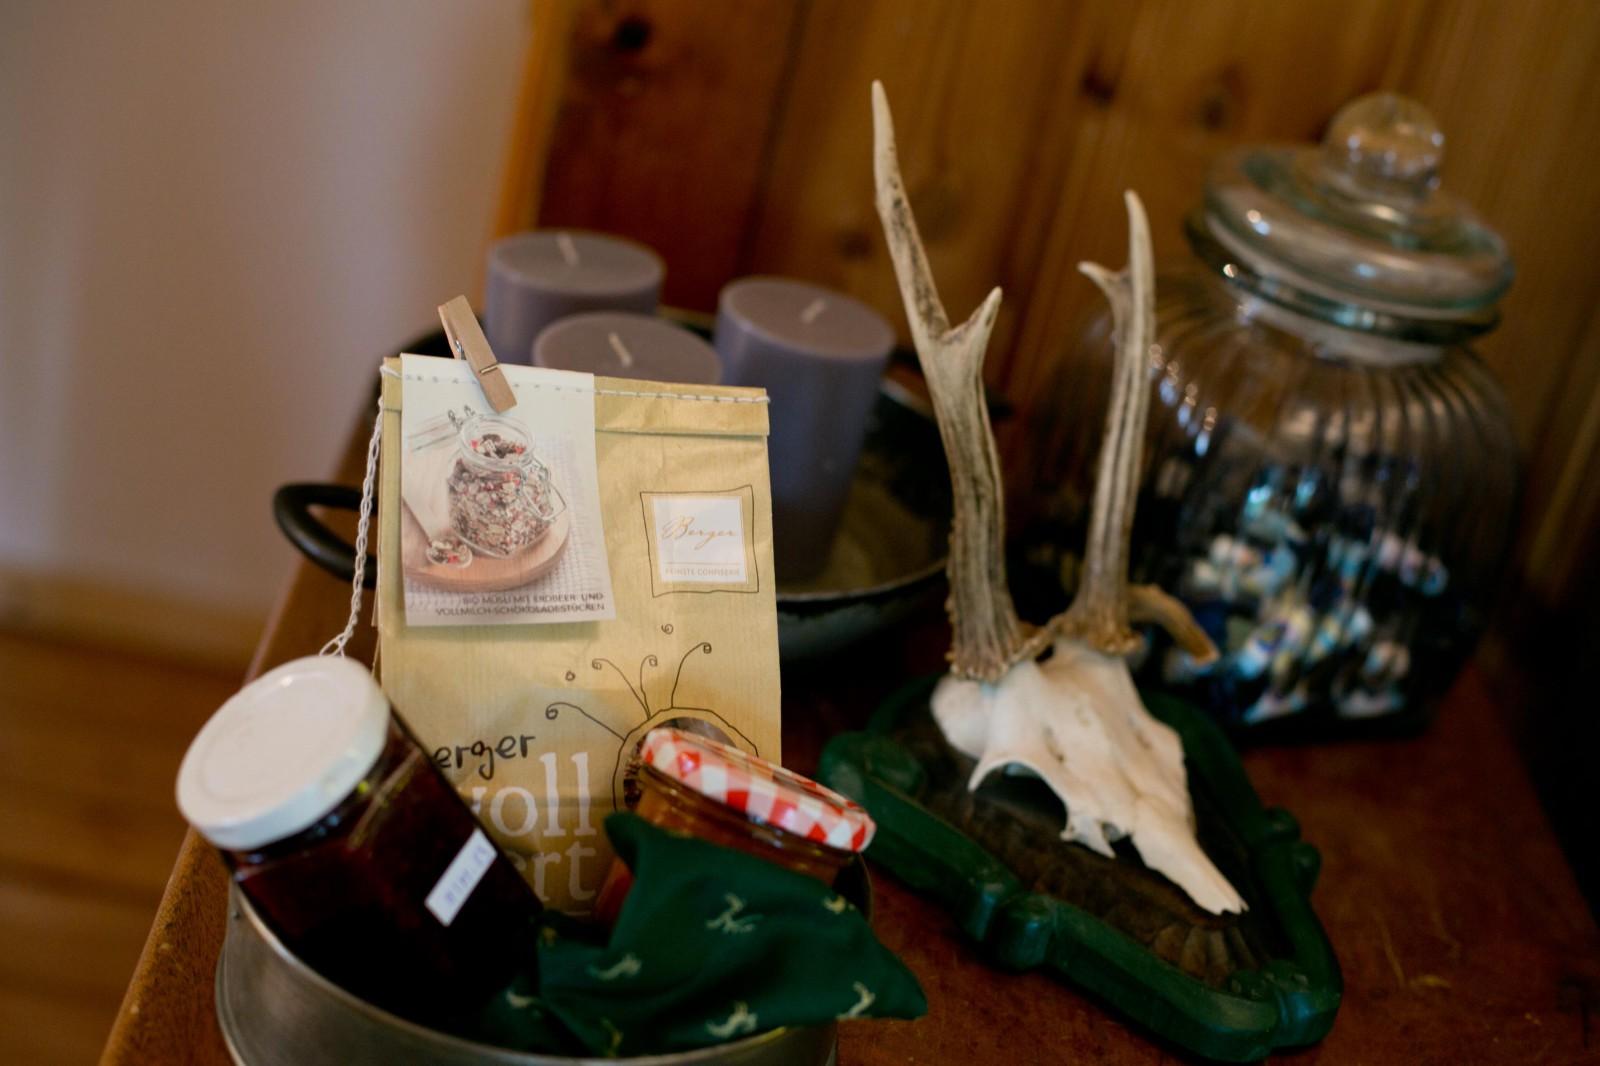 Selbstgemachte Marmeladen für die Gäste